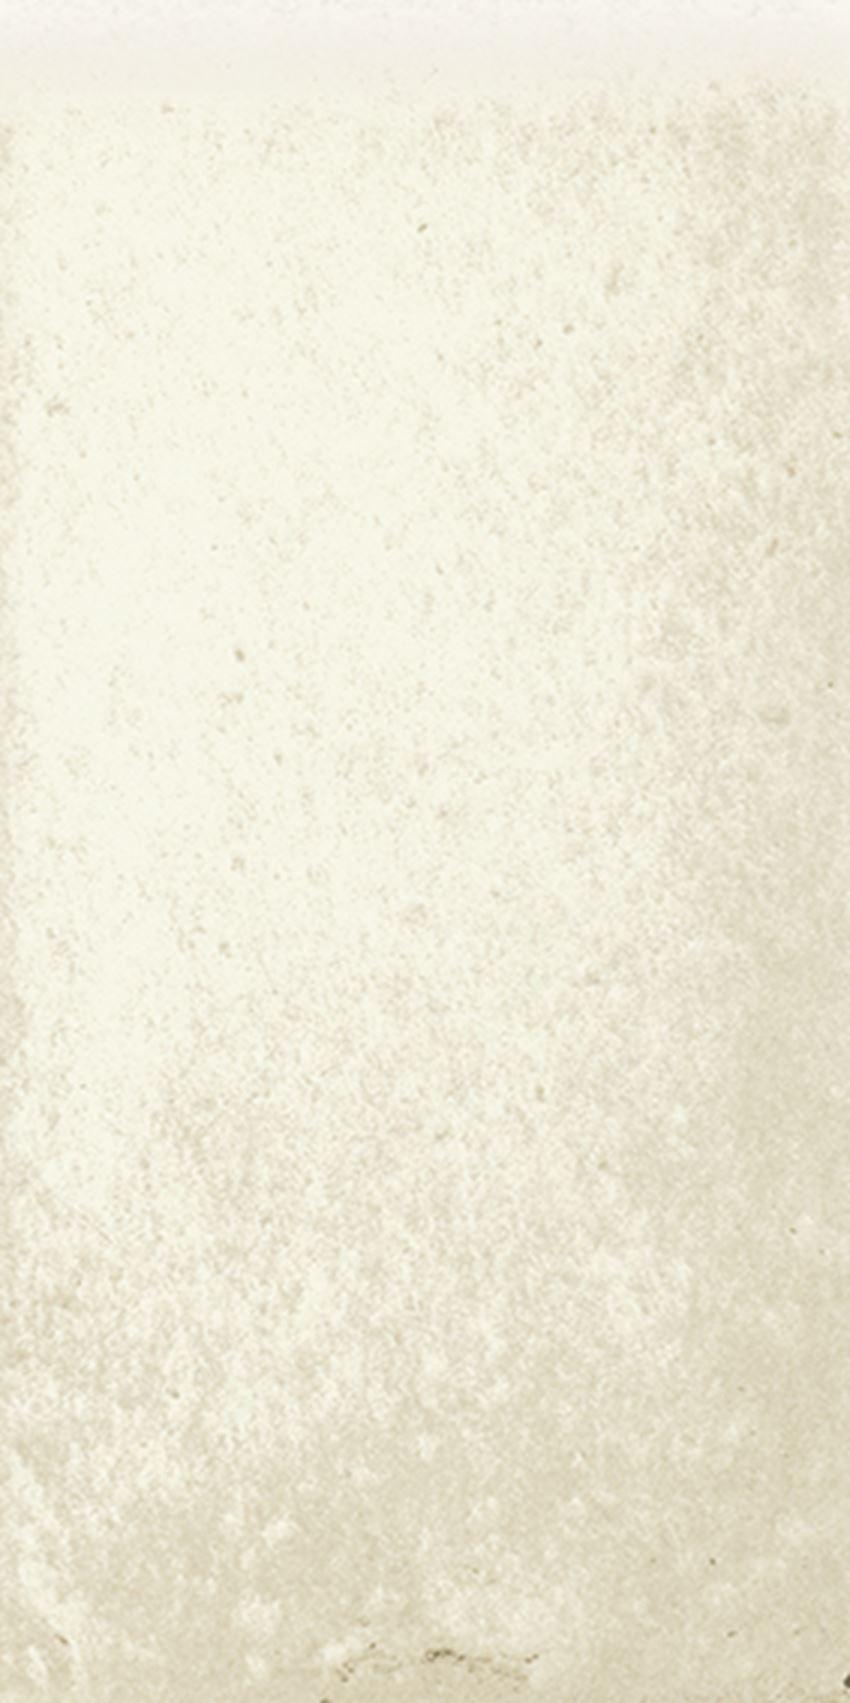 Płytka elewacyjna 10x20 cm Paradyż Scandiano Beige Parapet